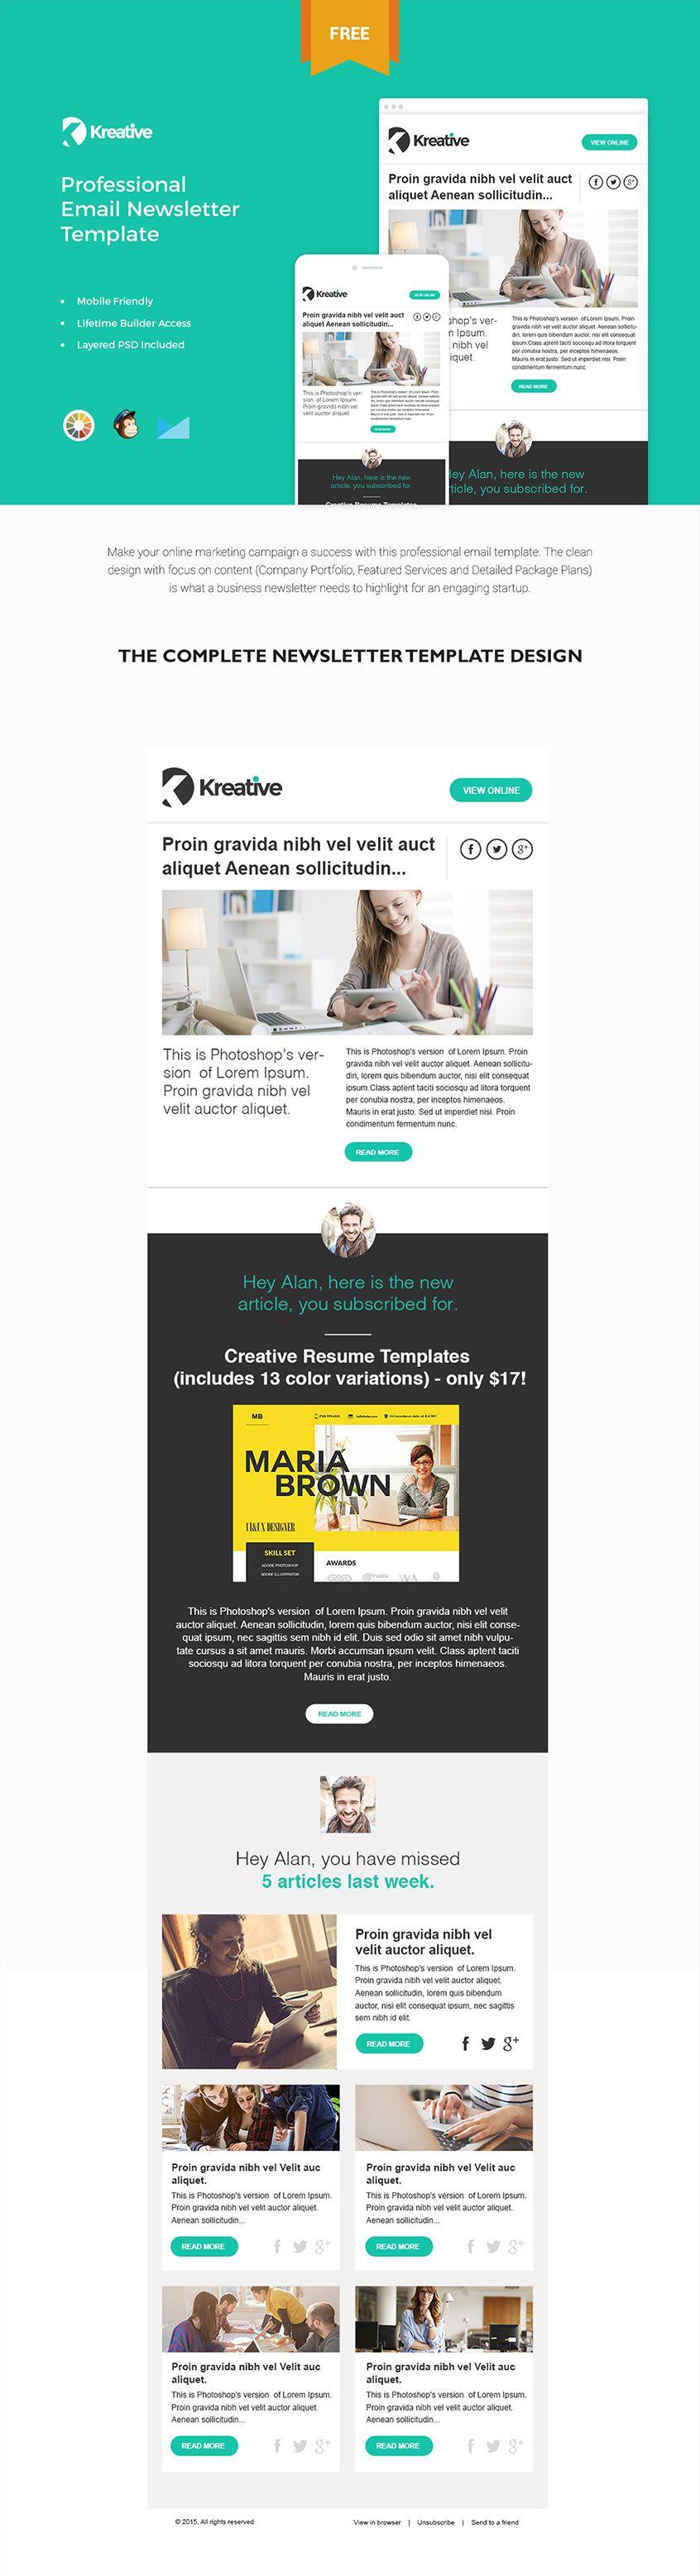 Kreative  Newsletter    Free Email Newsletter